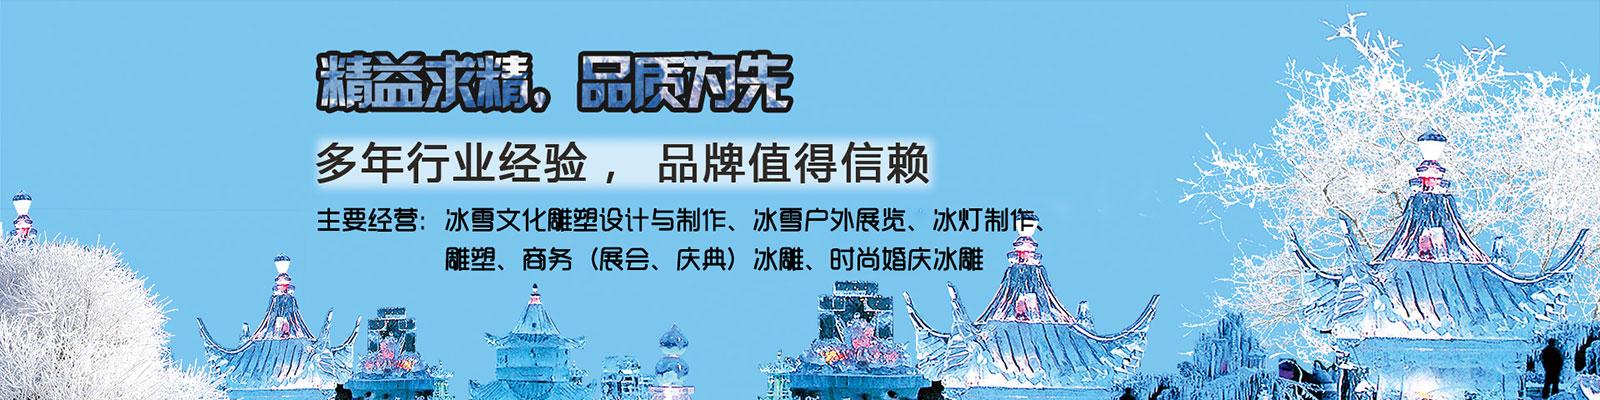 江苏兄弟冰雕工程有限公司